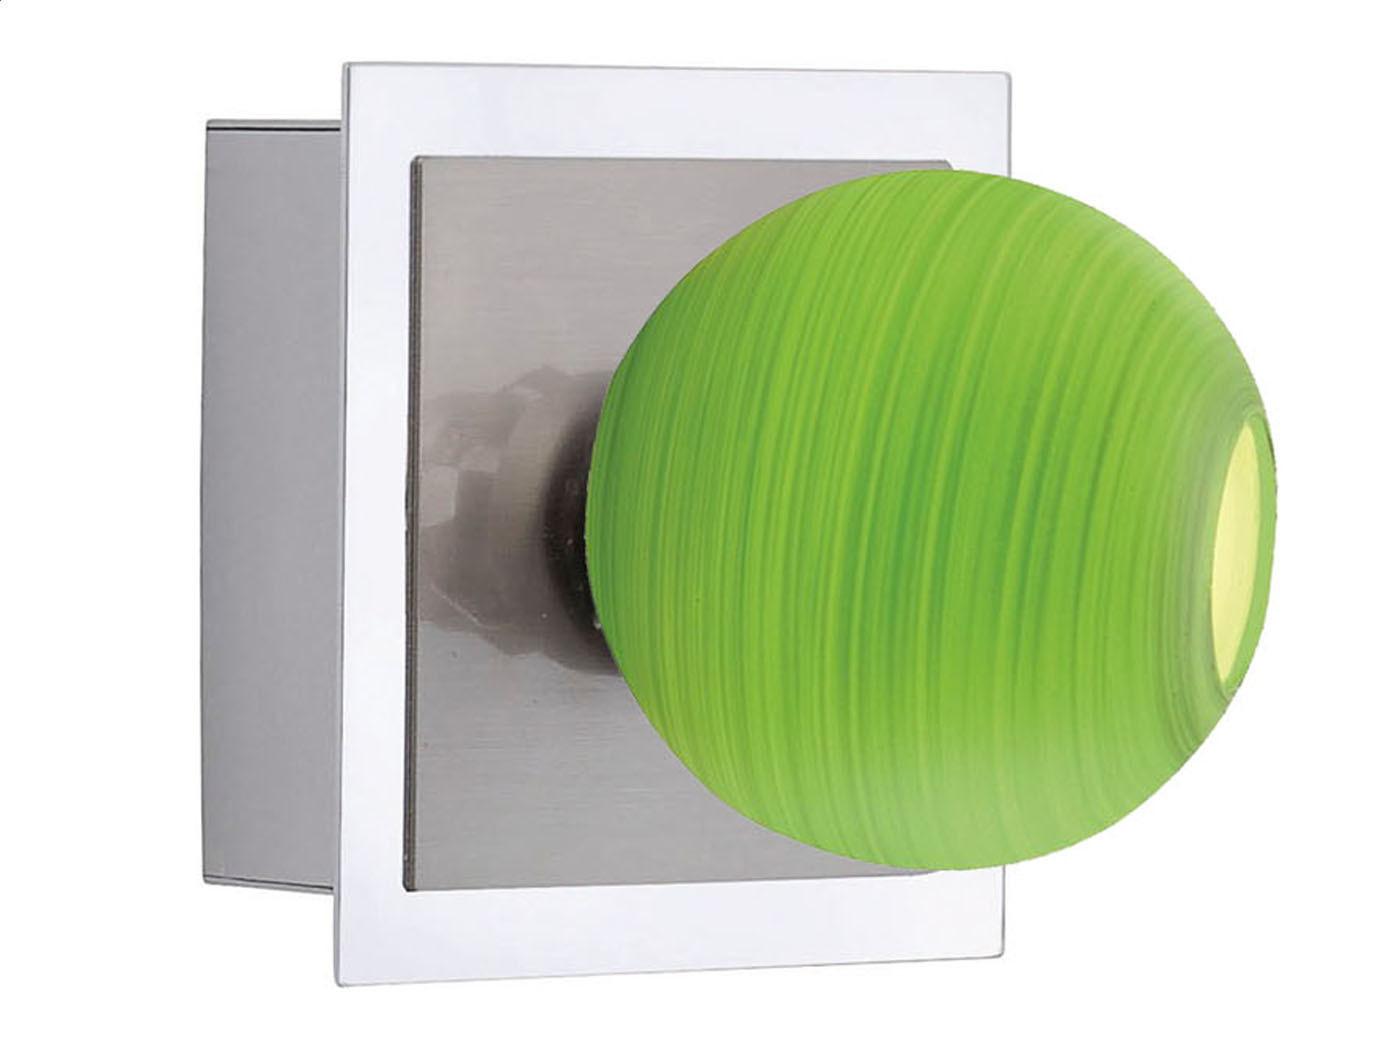 Led wandlampe mit schalter glaskugel gr n leuchte wohnzimmer flur wohnraum ebay - Led wandlampe mit schalter ...